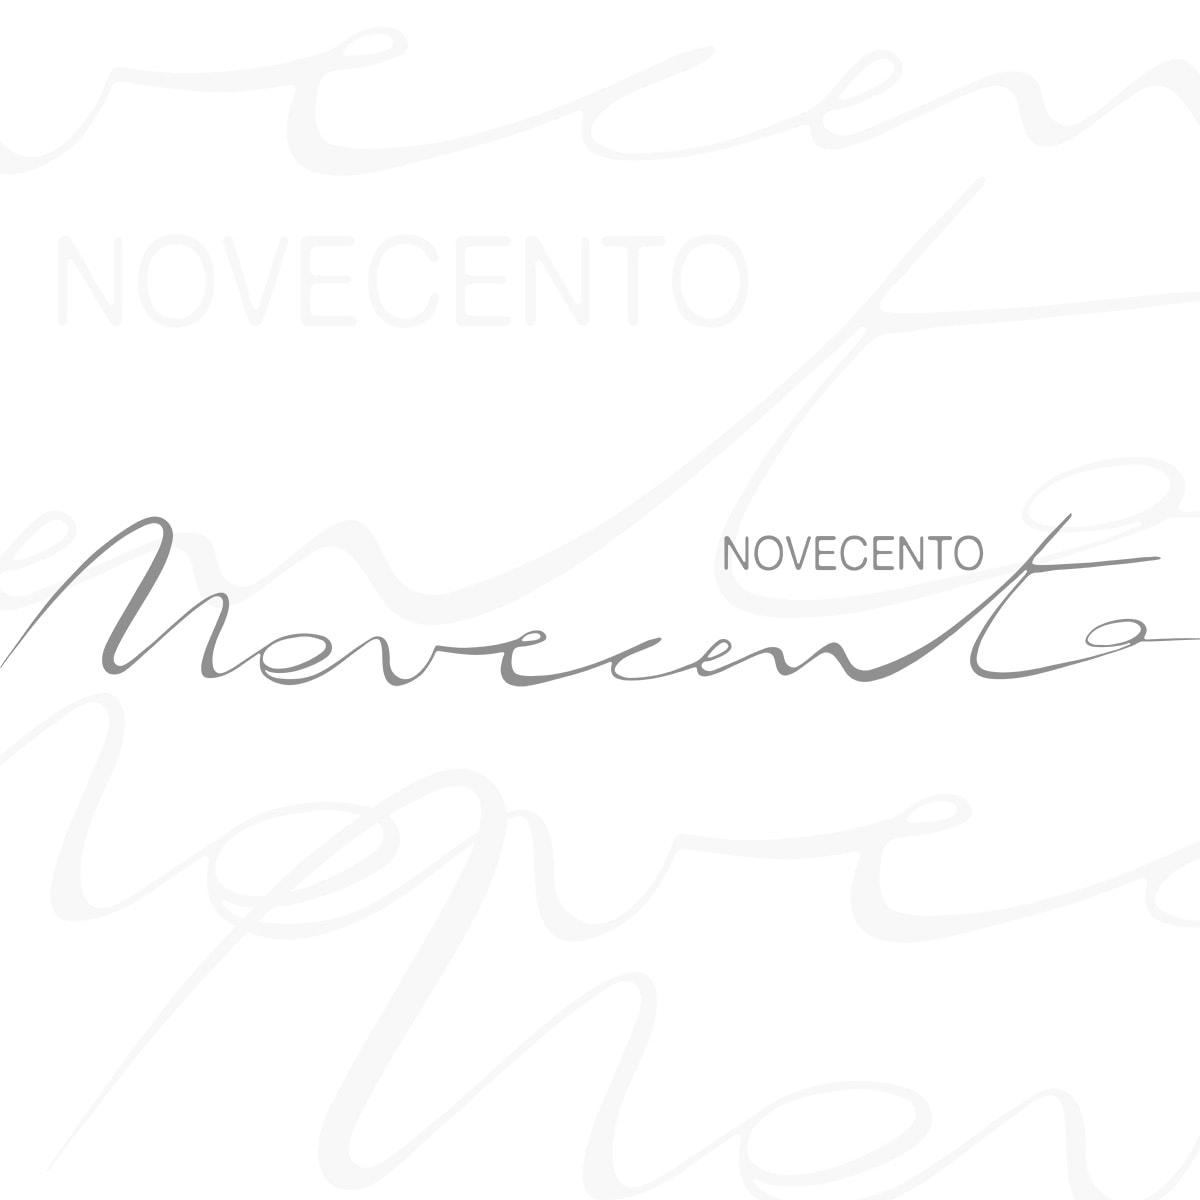 MC_Novecento